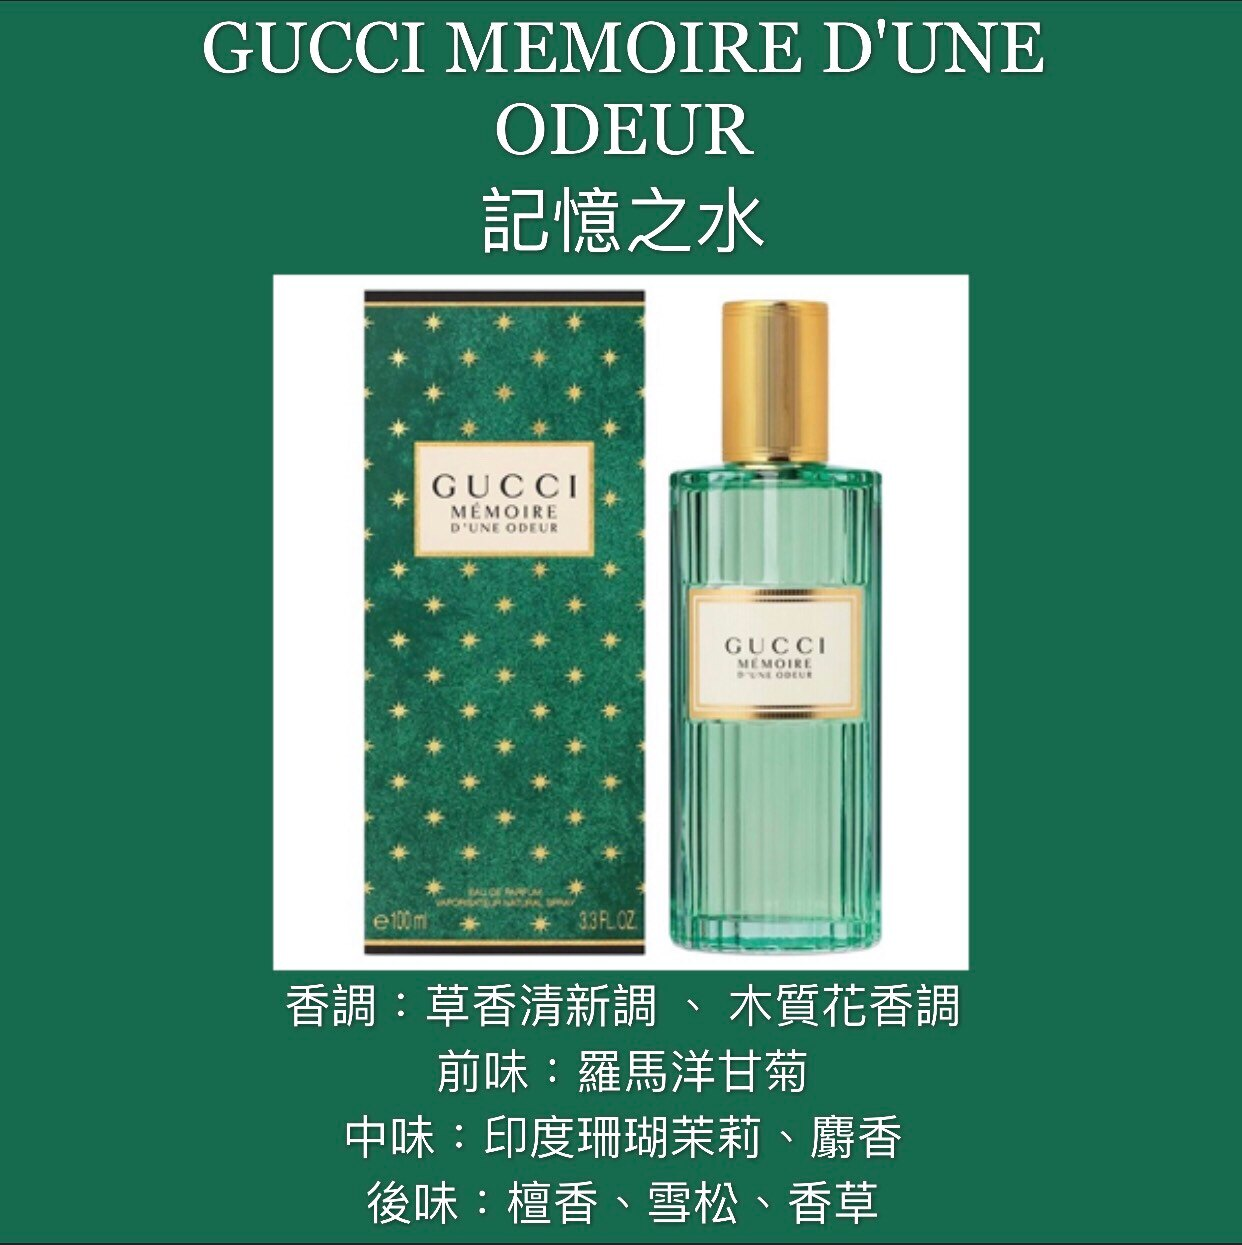 【香舍】Gucci Memoire D'une Odeur記憶之水 中性淡香精 40ML/60ML/100ML